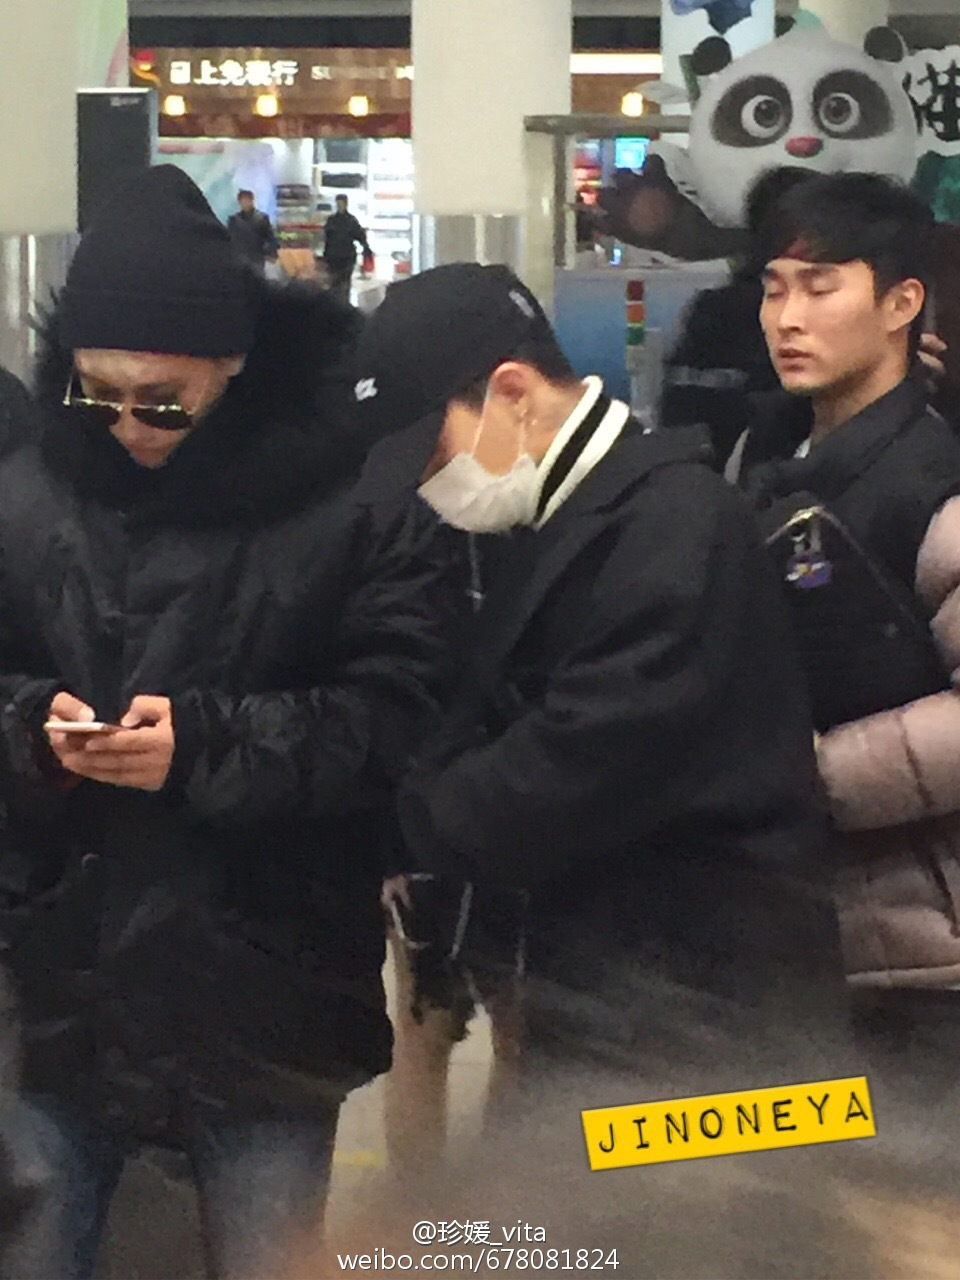 BIGBANG - Beijing Airport - 31dec2015 - 珍媛_vita - 01